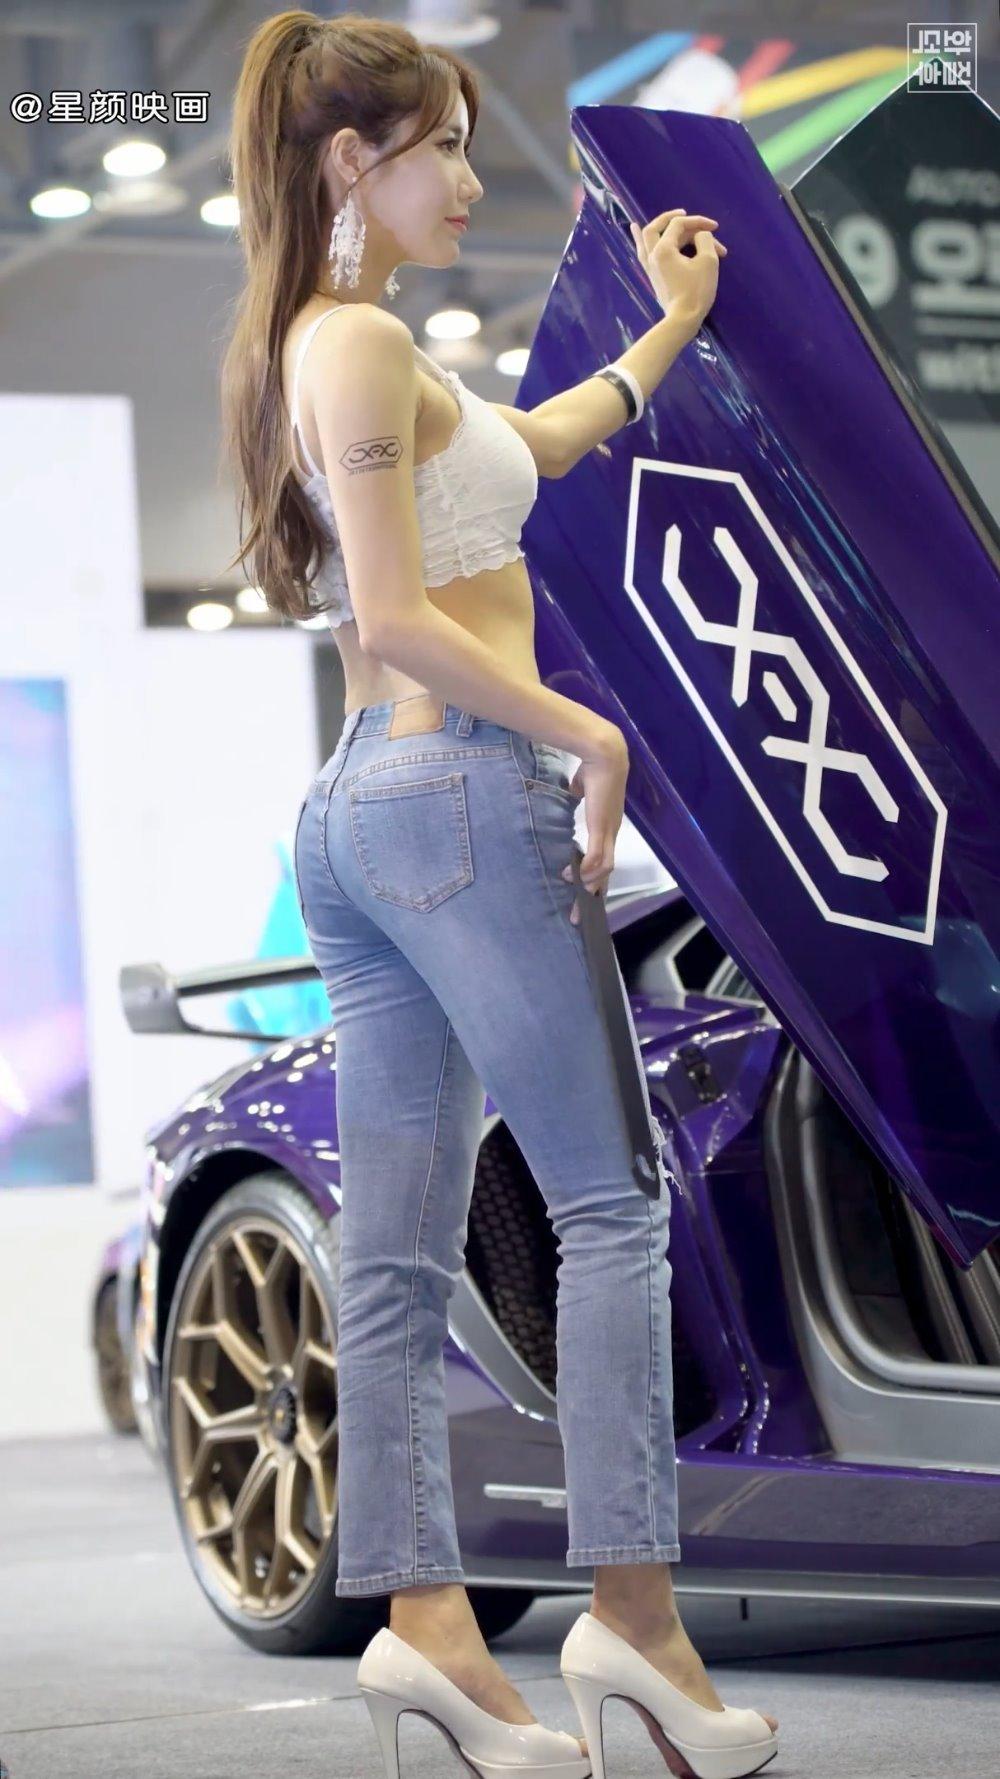 韩国顶级车模林率雅,牛仔裤小细腰,垂涎她的身材与美貌